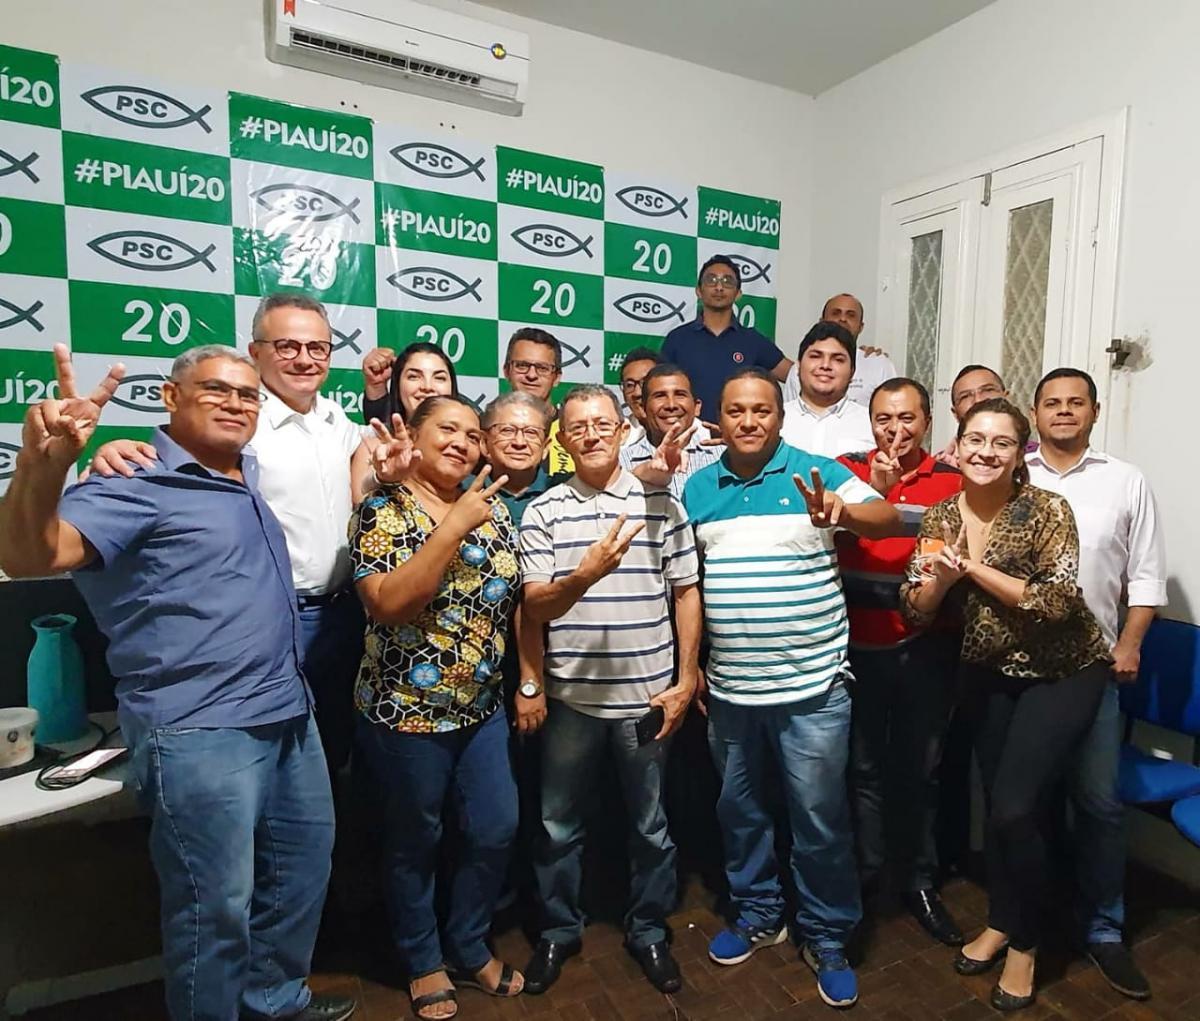 Com o fim do prazo de filiações, Valter Alencar afirma que chapa do PSC está organizada